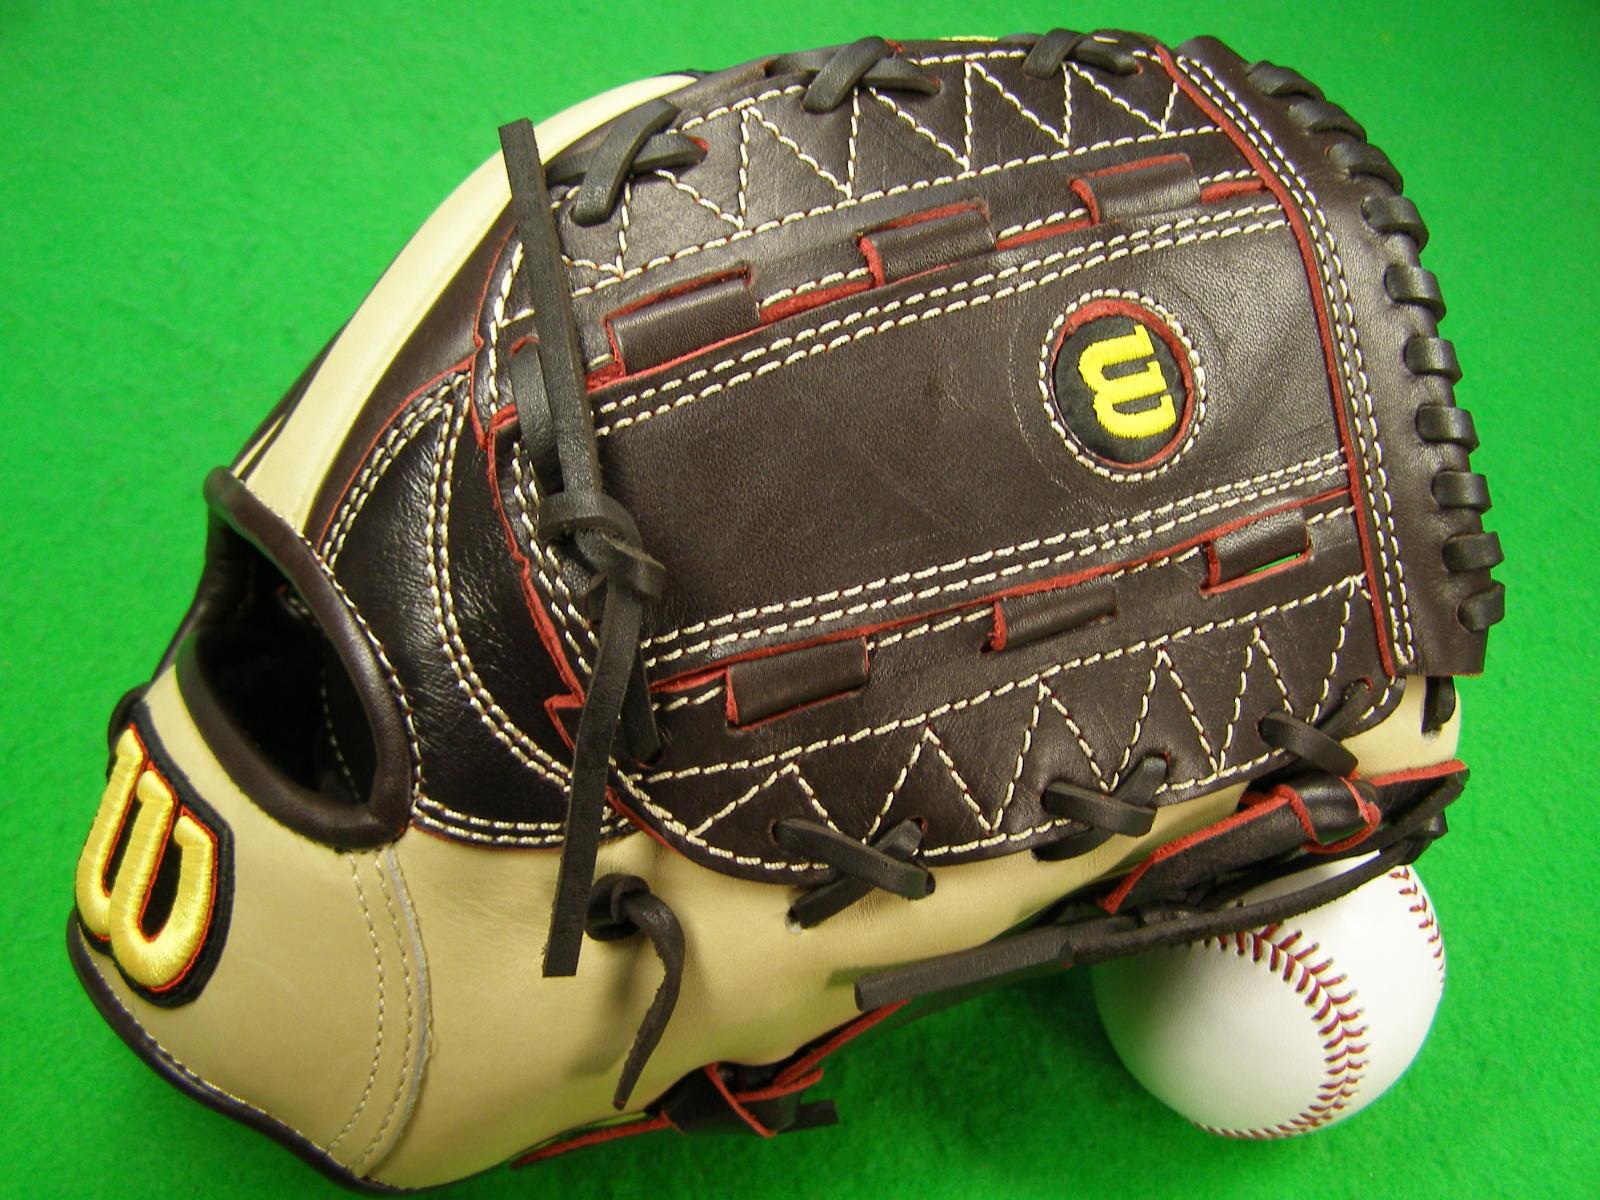 送料無料 型付け無料 WILSON ウィルソン 海外モデル 硬式野球向け 投手・オールラウンド用 PROSTAFF ダークブラウン×ナチュラル